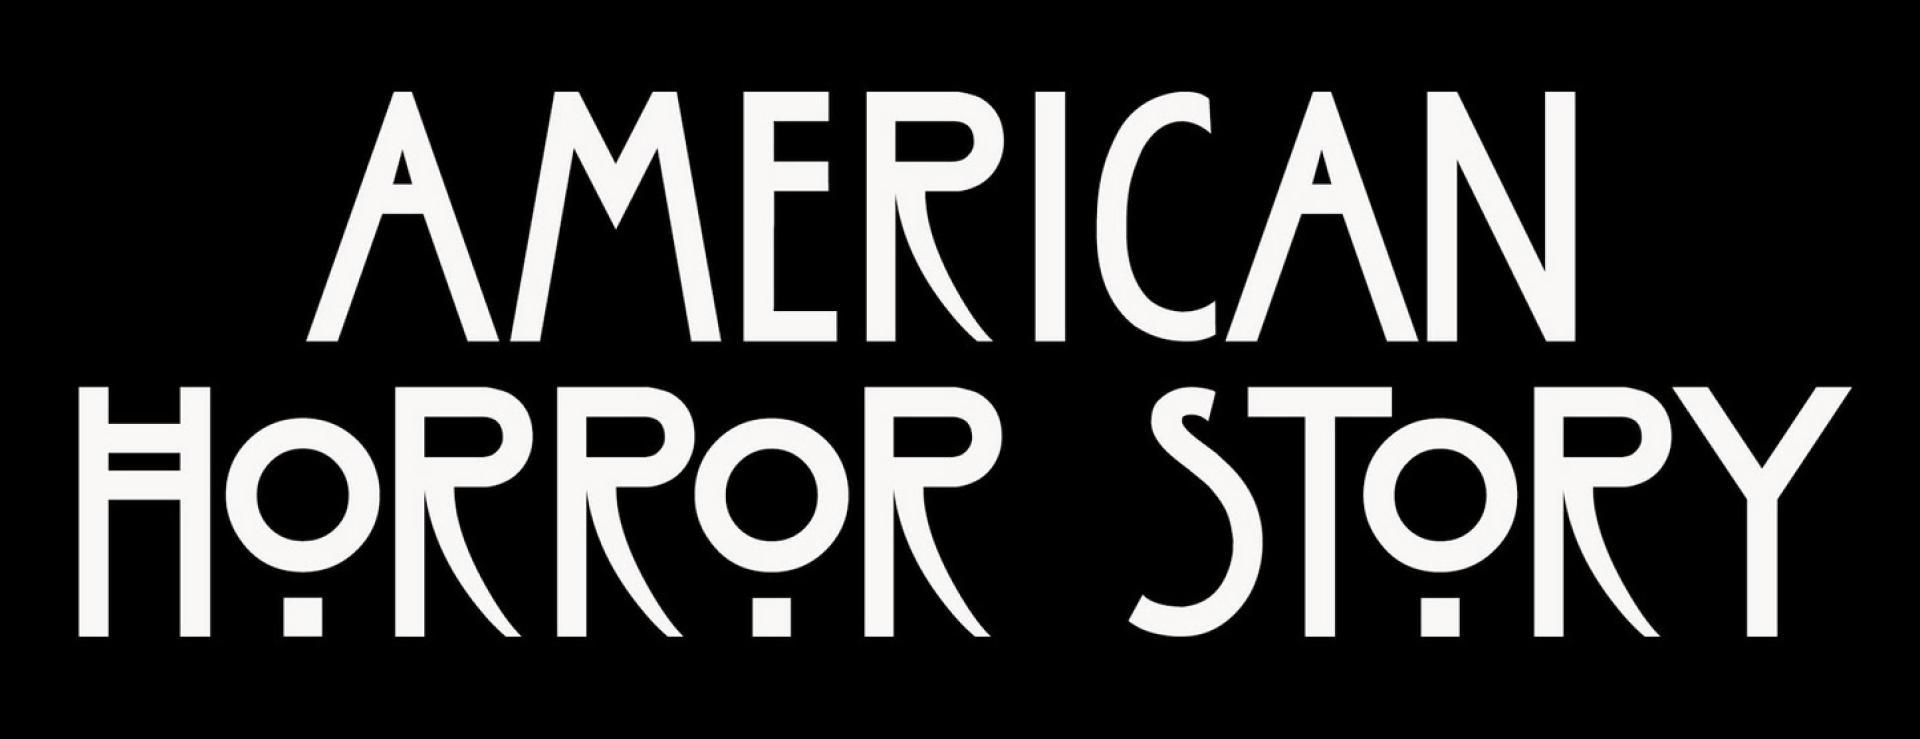 American Horror Story - ötödik évad, érdekességek